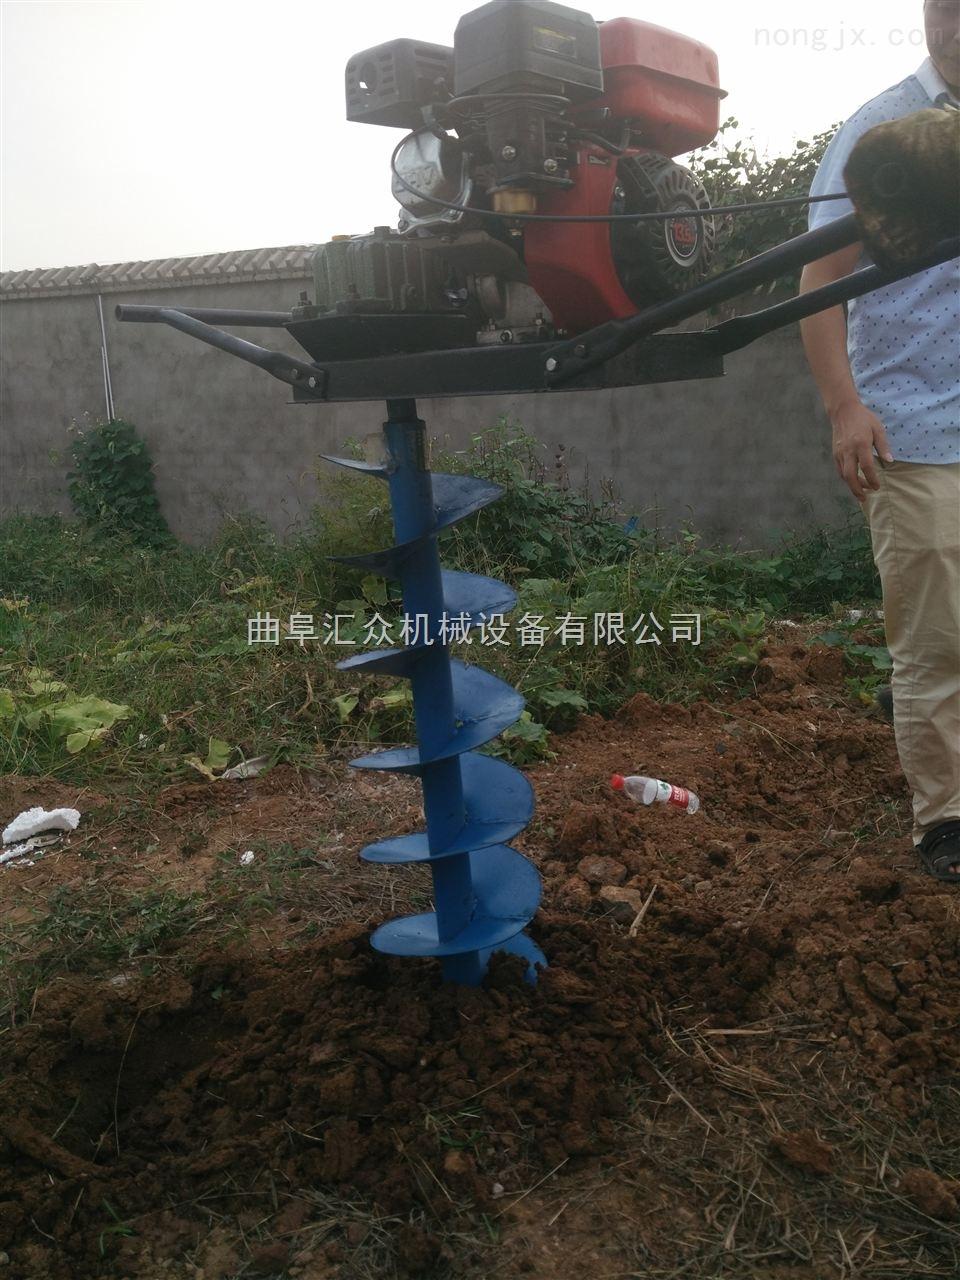 混合油鑽坑機,手提式種樹打窩機